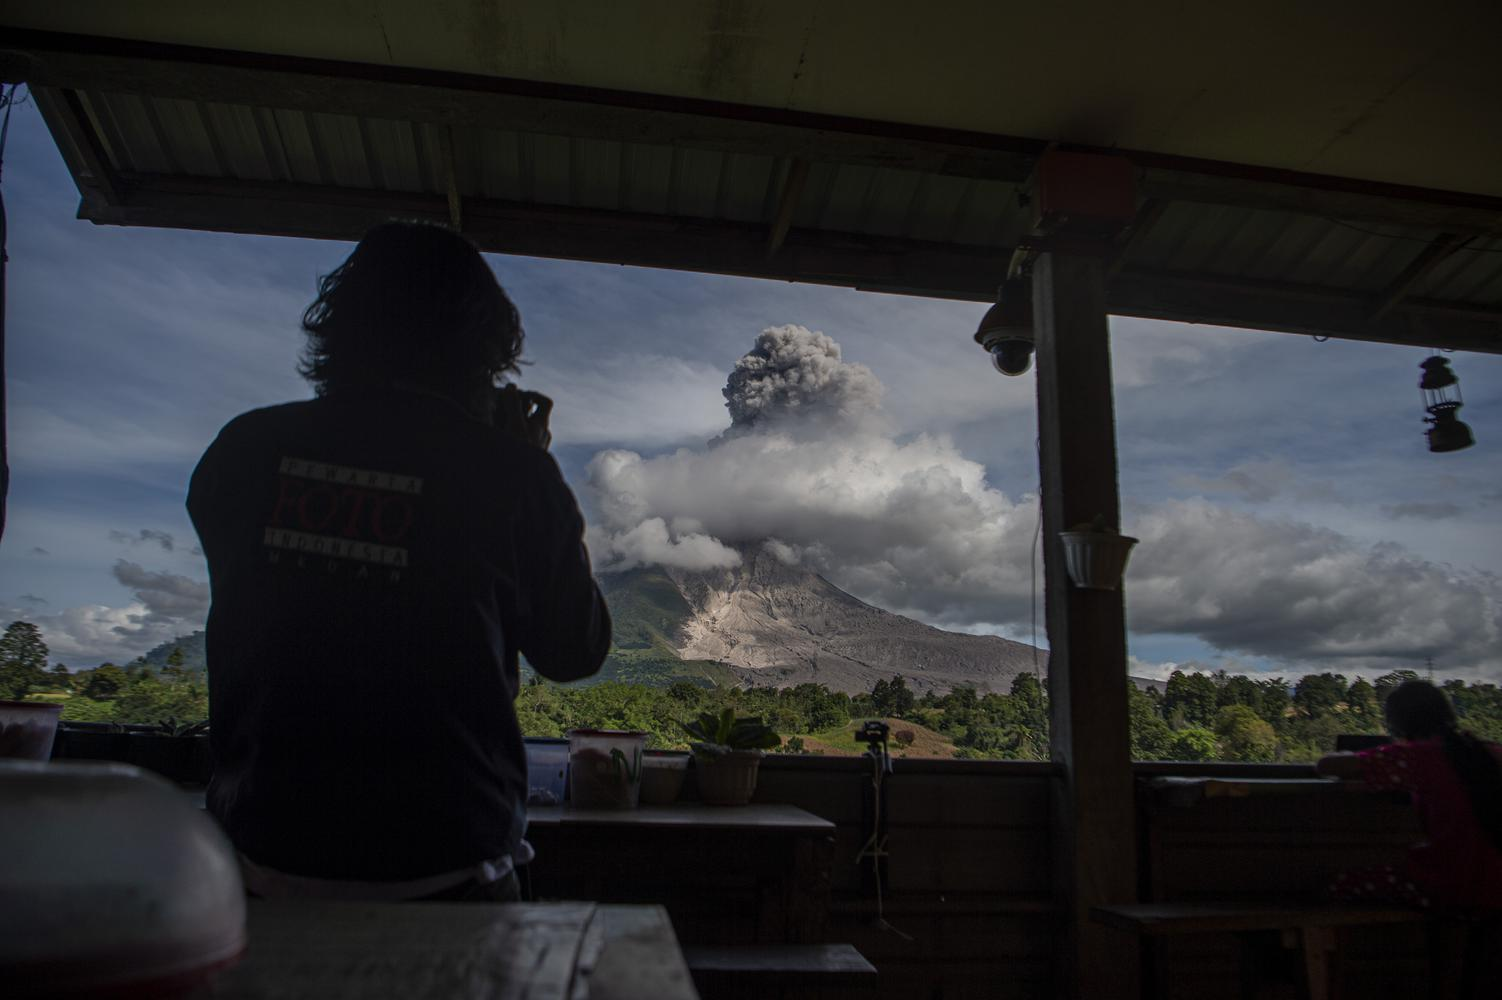 Wartawan mengambil foto Gunung Sinabung yang menyemburkan material vulkanik saat erupsi di Desa Tigapancur, Simpang Empat, Karo, Sumatera Utara, Kamis (25/2/2021). Gunung Sinabung erupsi dengan tinggi kolom 1.500 meter di atas puncak atau sekitar 3.960 meter di atas permukaan laut.